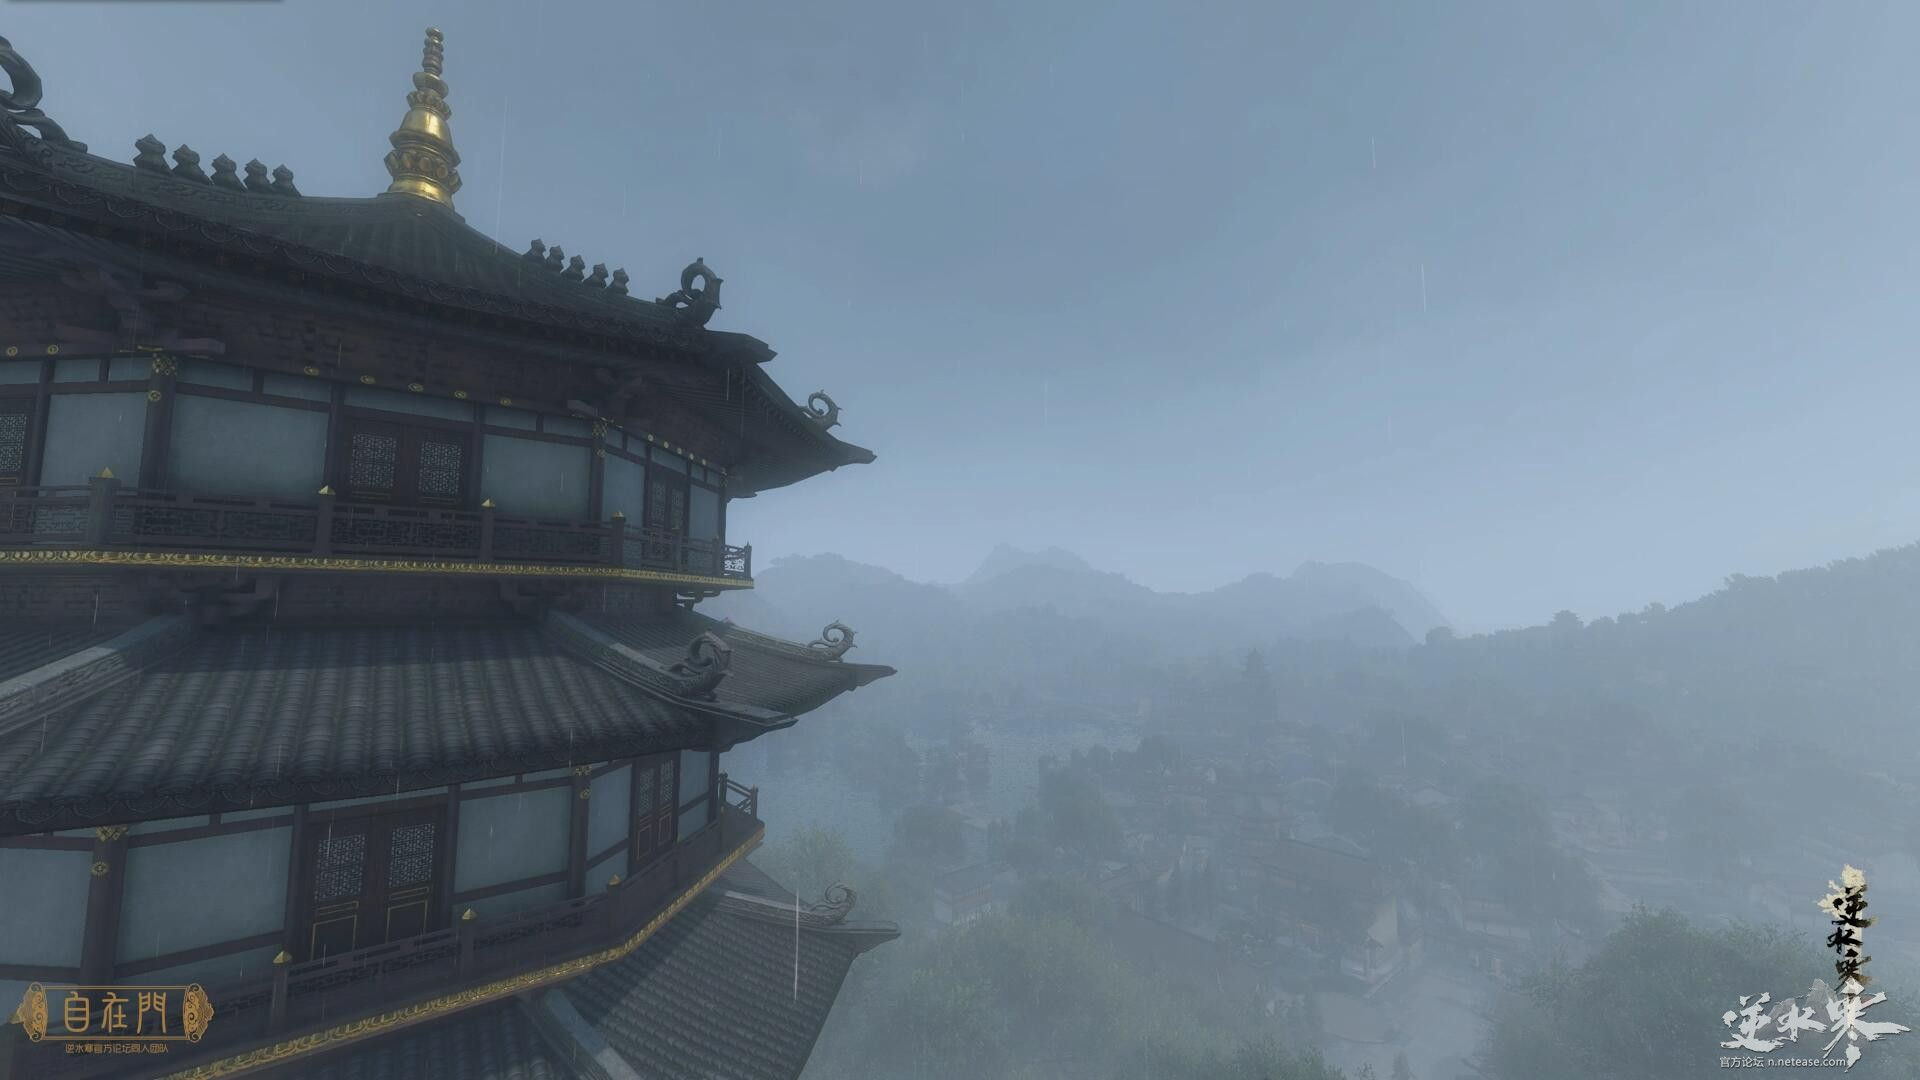 【自在门】【视频】逆水寒延时摄影之杭州雷峰塔